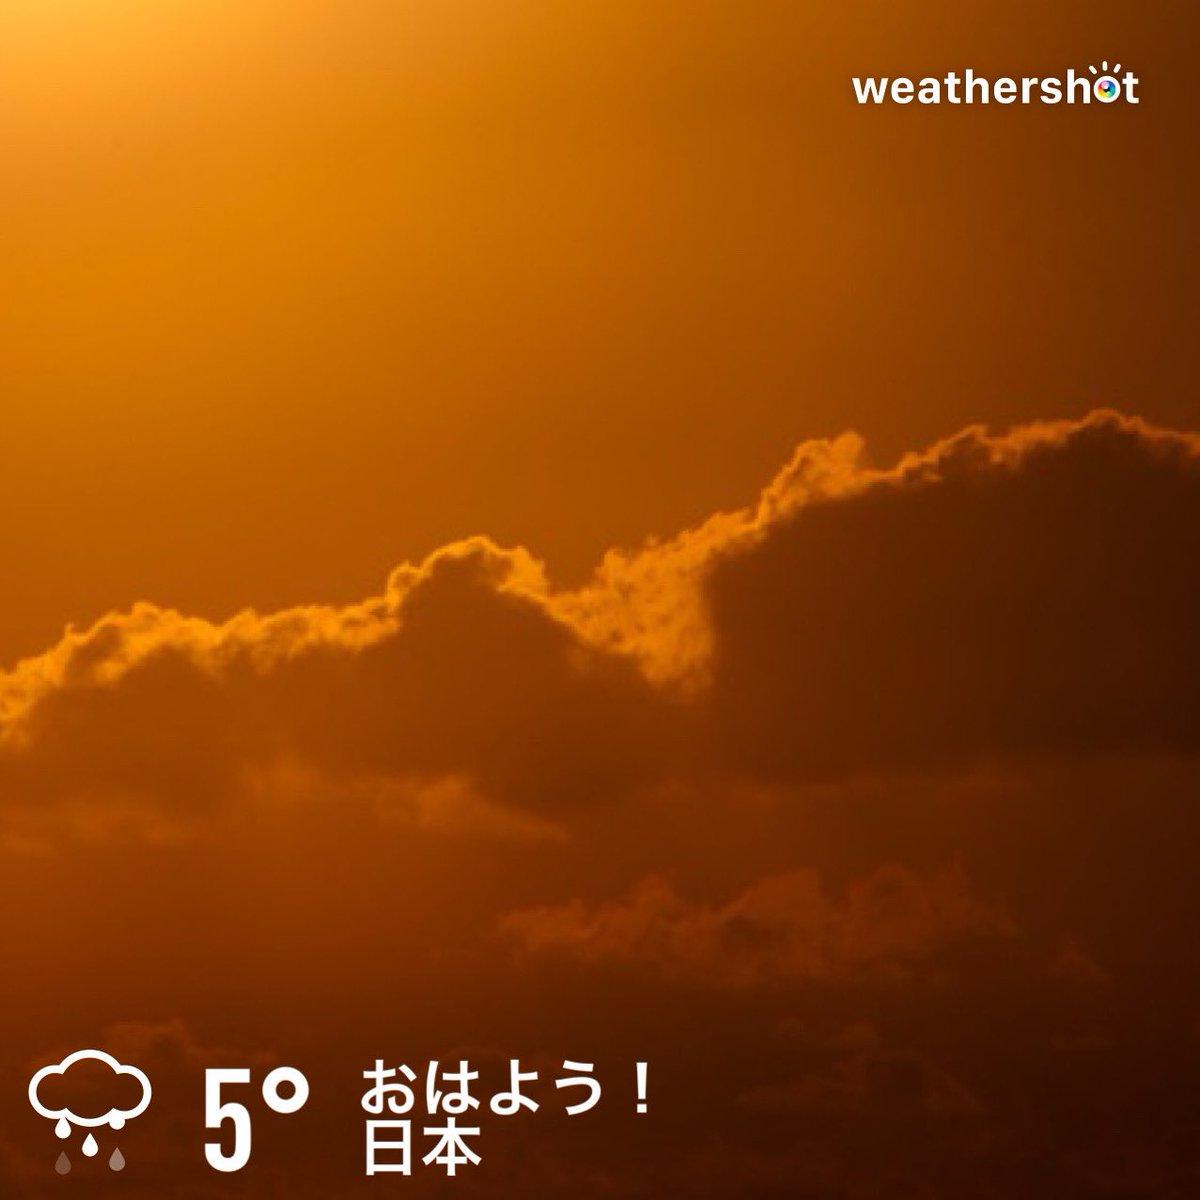 おはようございます!😄 #weather #wx #横浜市青葉区 #day #clear #morning #神奈川県